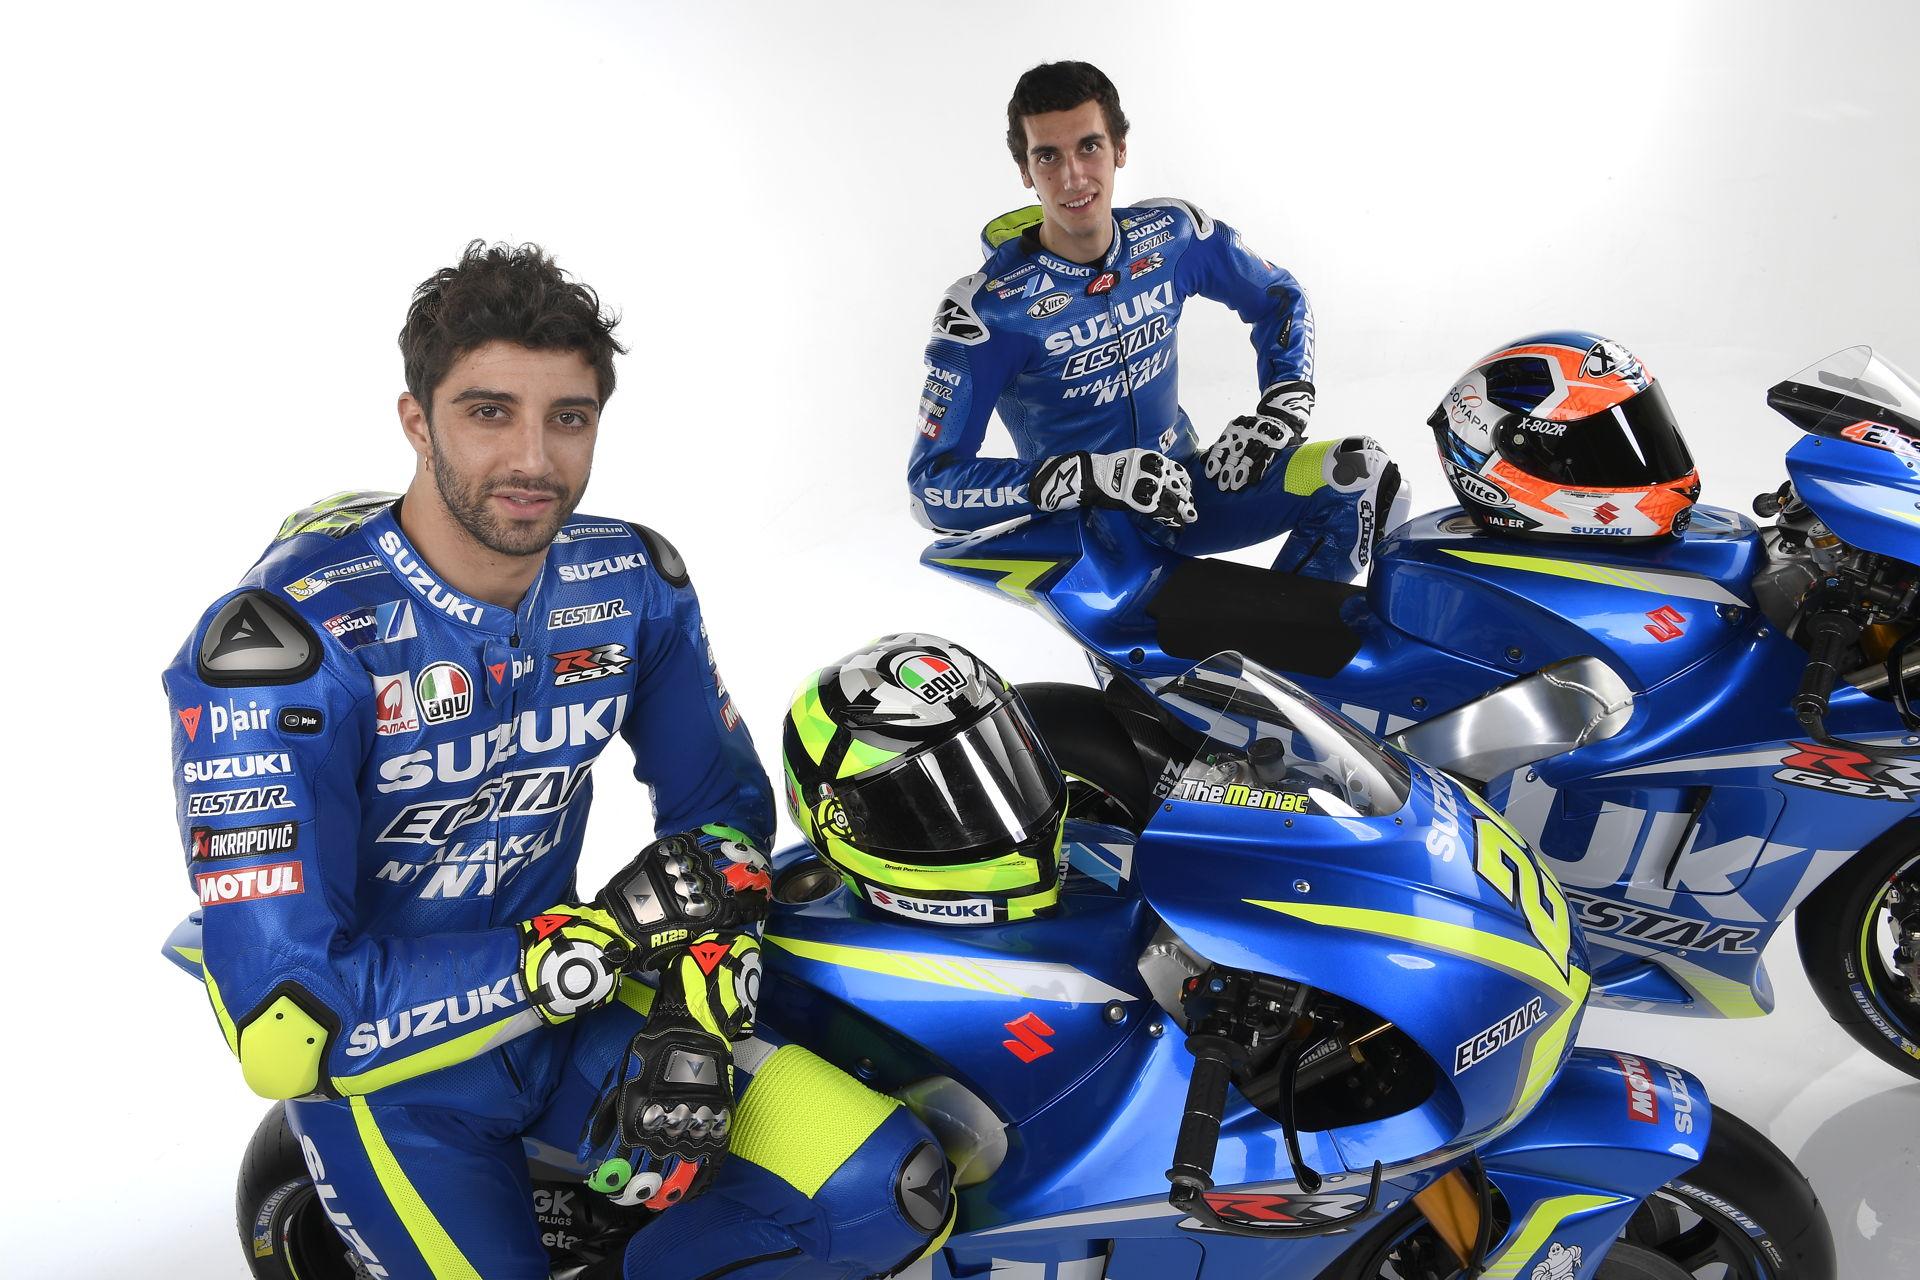 Team Suzuki MotoGP 2017 Iannone Rins GSX-RR-009